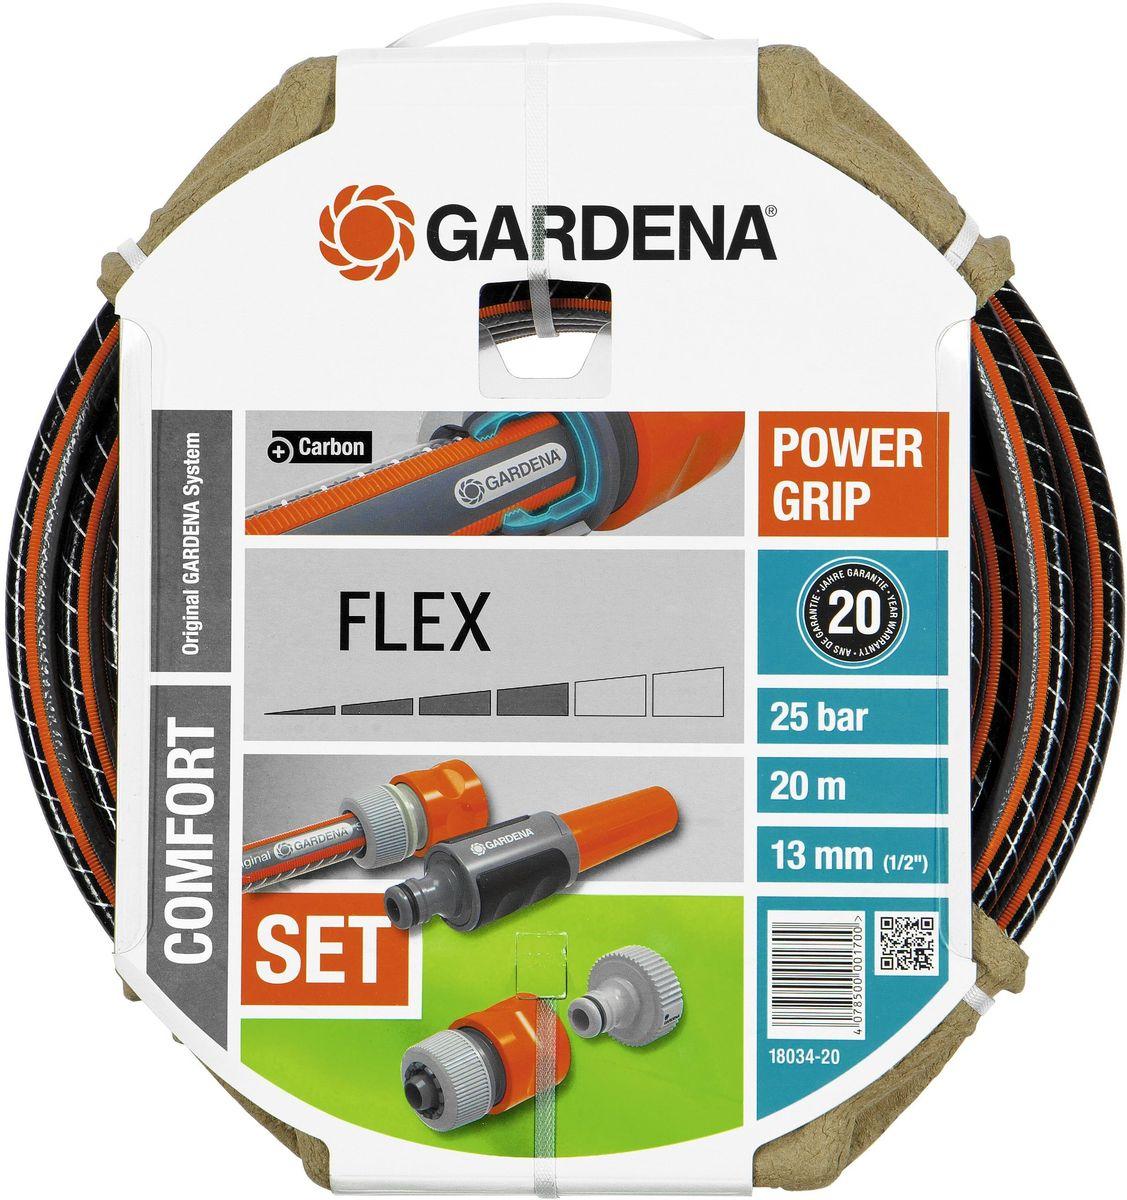 """Шланг Gardena """"Flex"""" имеет ребристый профиль Power Grip, который гарантирует идеальное соединение с коннекторами базовой системы полива. Текстильное армирование, усиленное углеродом, препятствует перегибанию, спутыванию и перекручиванию шланга во время эксплуатации. Отсутствие фталатов, тяжелых металлов и невосприимчивость к УФ-излучению делают шланг экологичным, а благодаря толстым стенкам он служит долго. Выдерживает высокое давление до 25 бар.В комплекте с данным шлангом поставляются соединительные элементы системы Original Gardena: резьбовой штуцер, адаптер, коннектор с автостопом и наконечник для полива."""